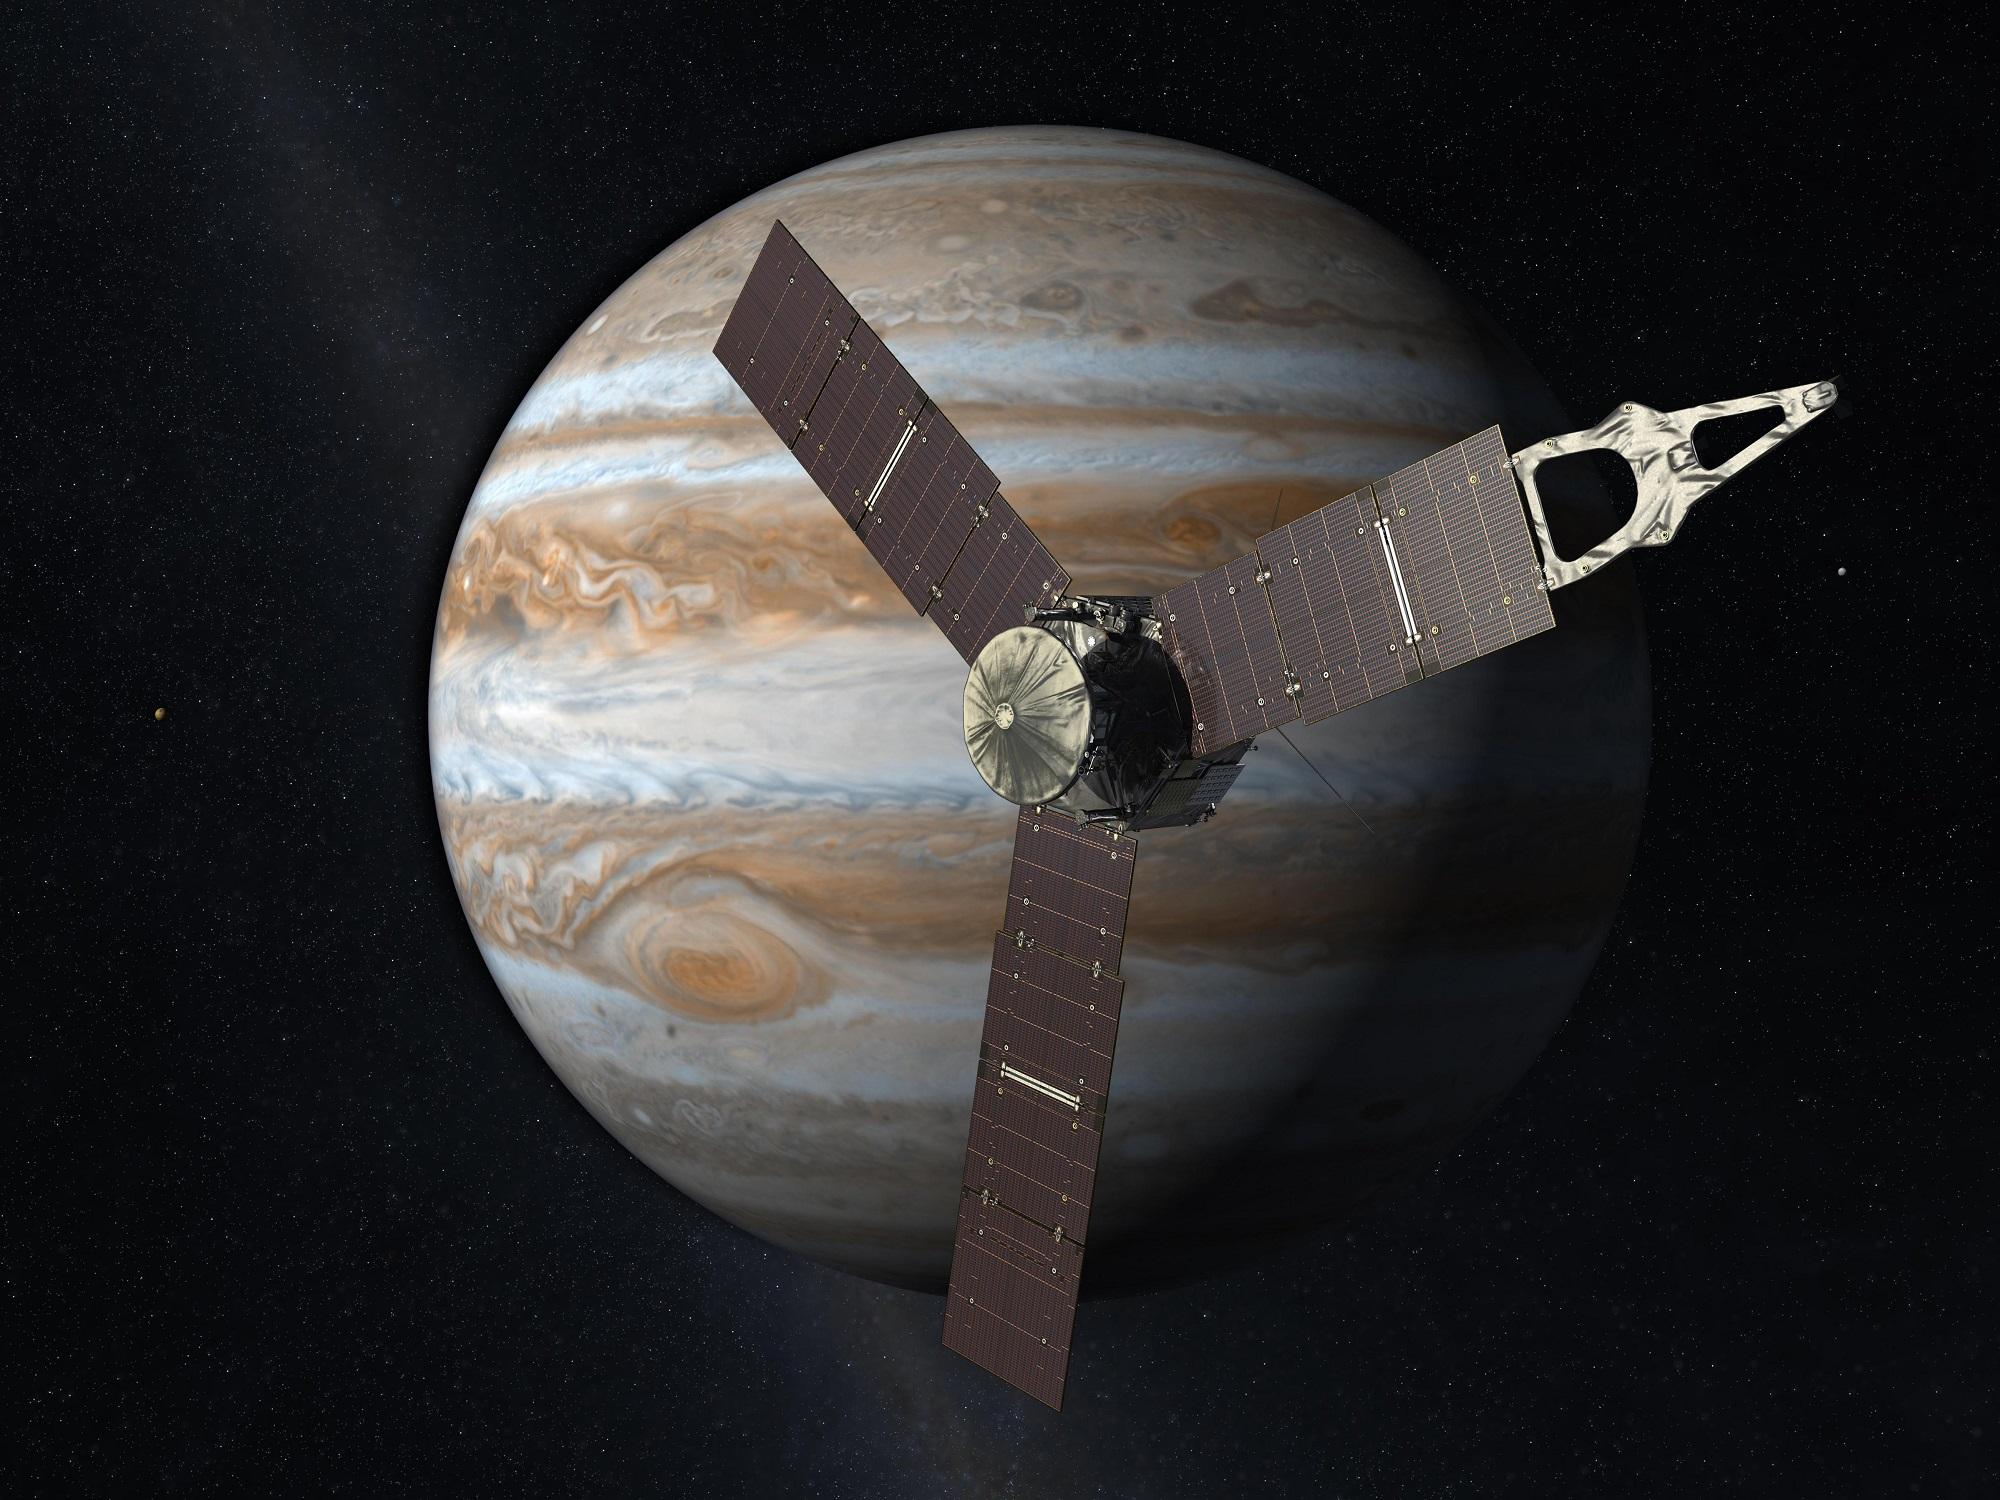 To nowy rozdział eksploracji kosmosu – sonda Juno jest już na orbicie Jowisza